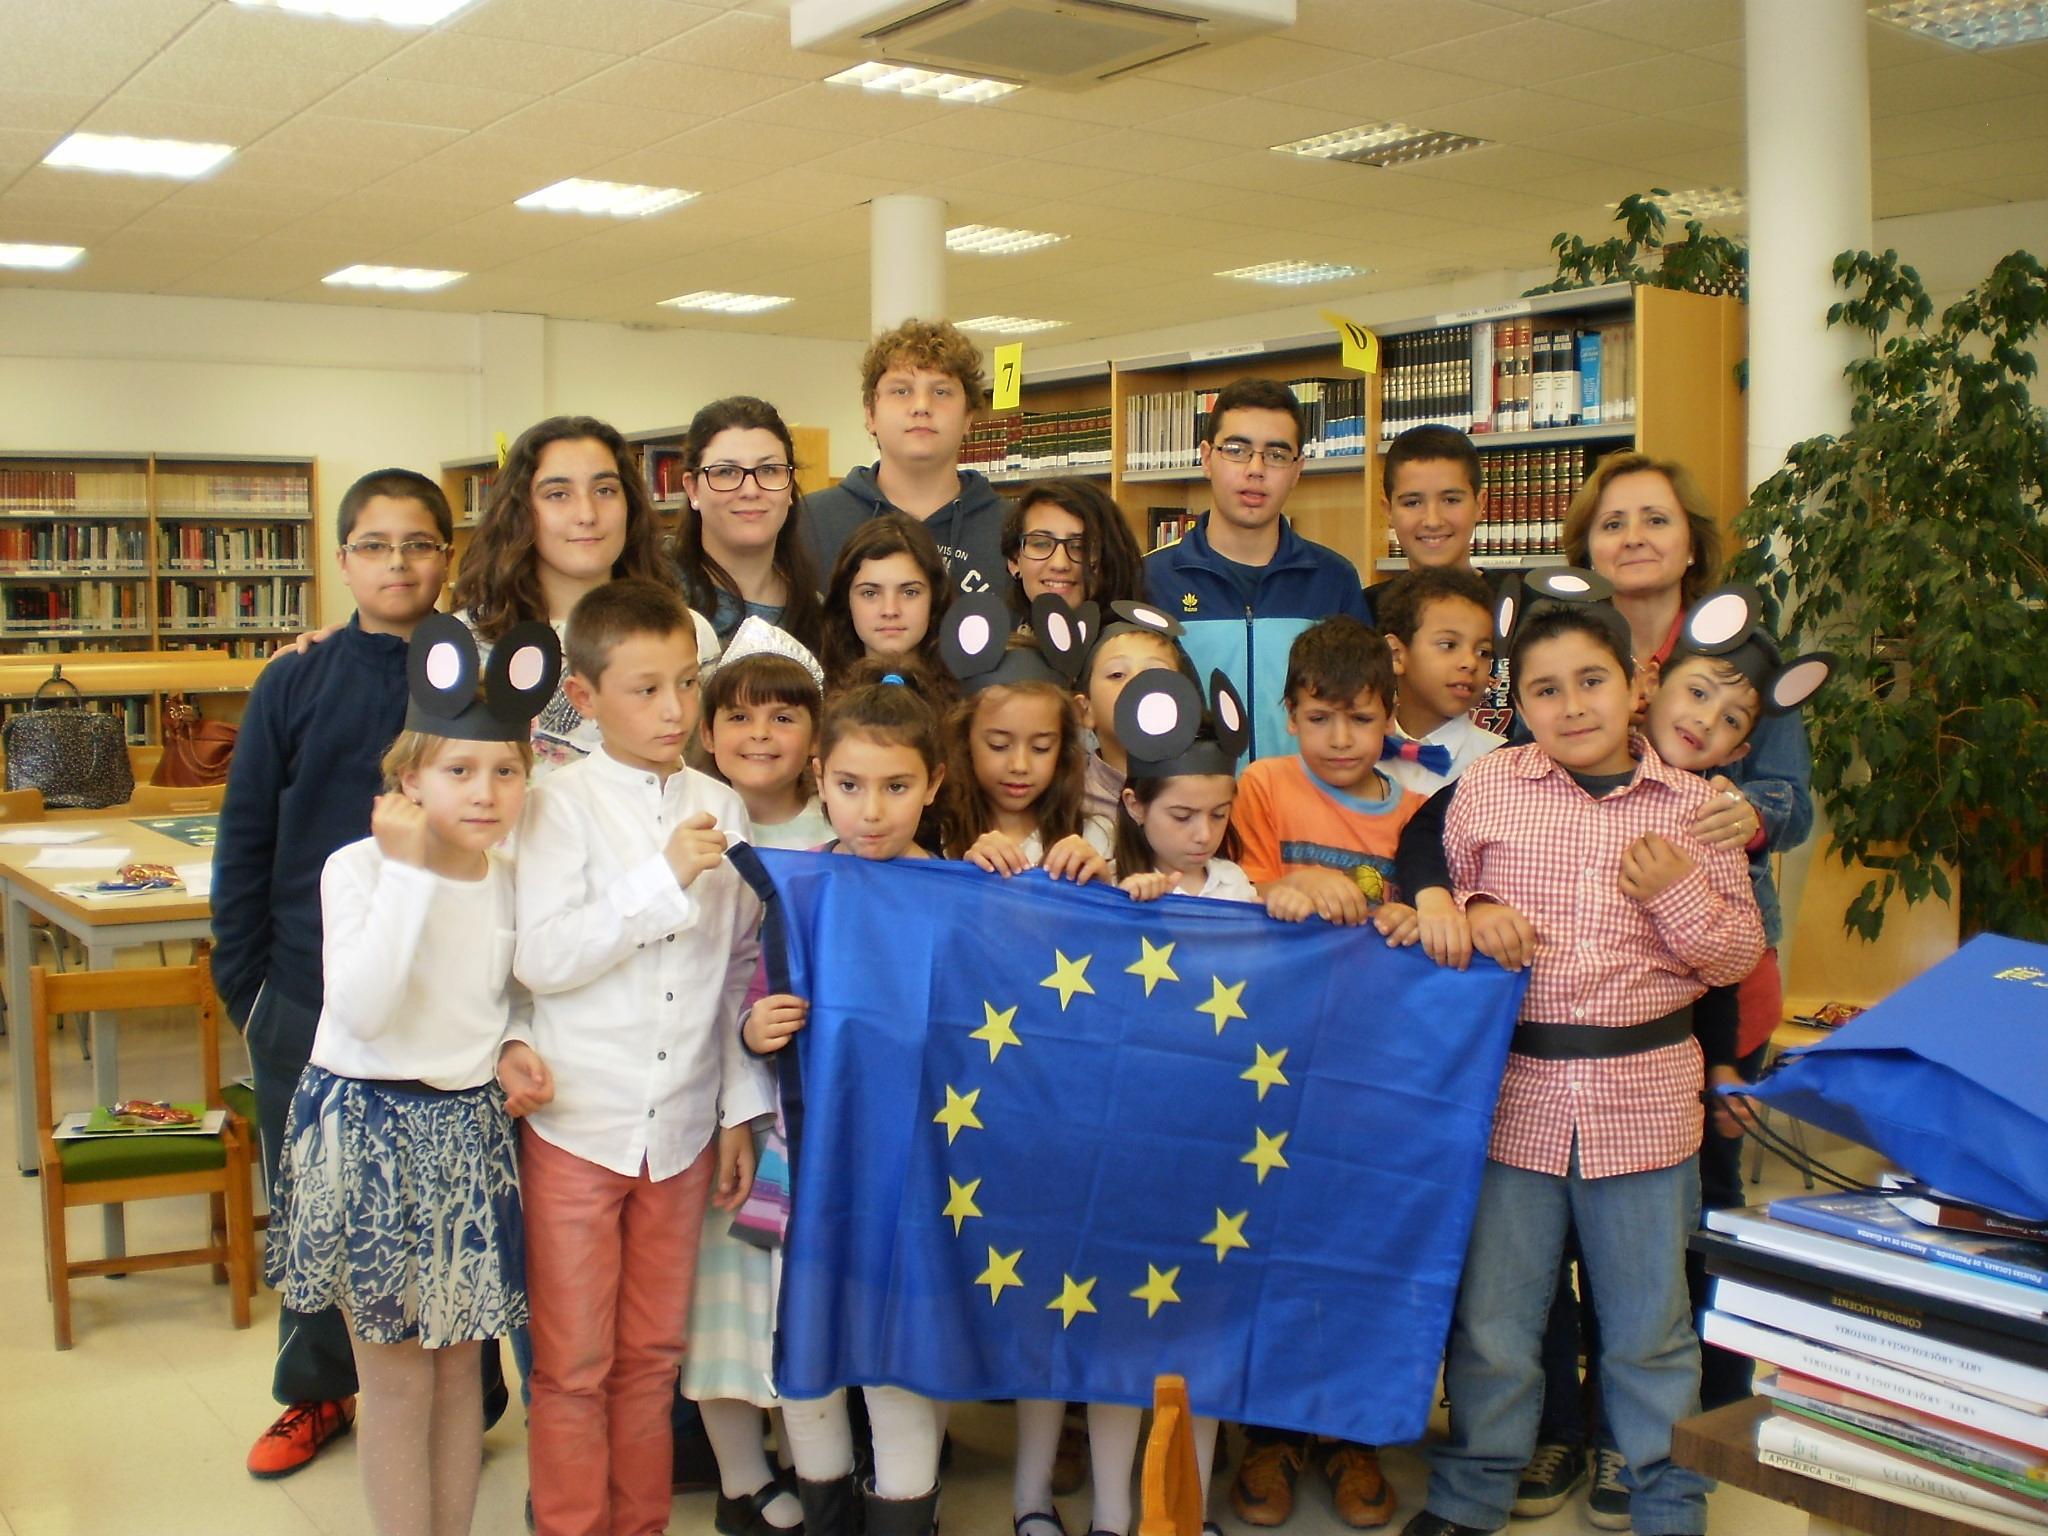 Día de Europa 2015 en Alcaracejos, Cuenta cuentos, 30 de abril.